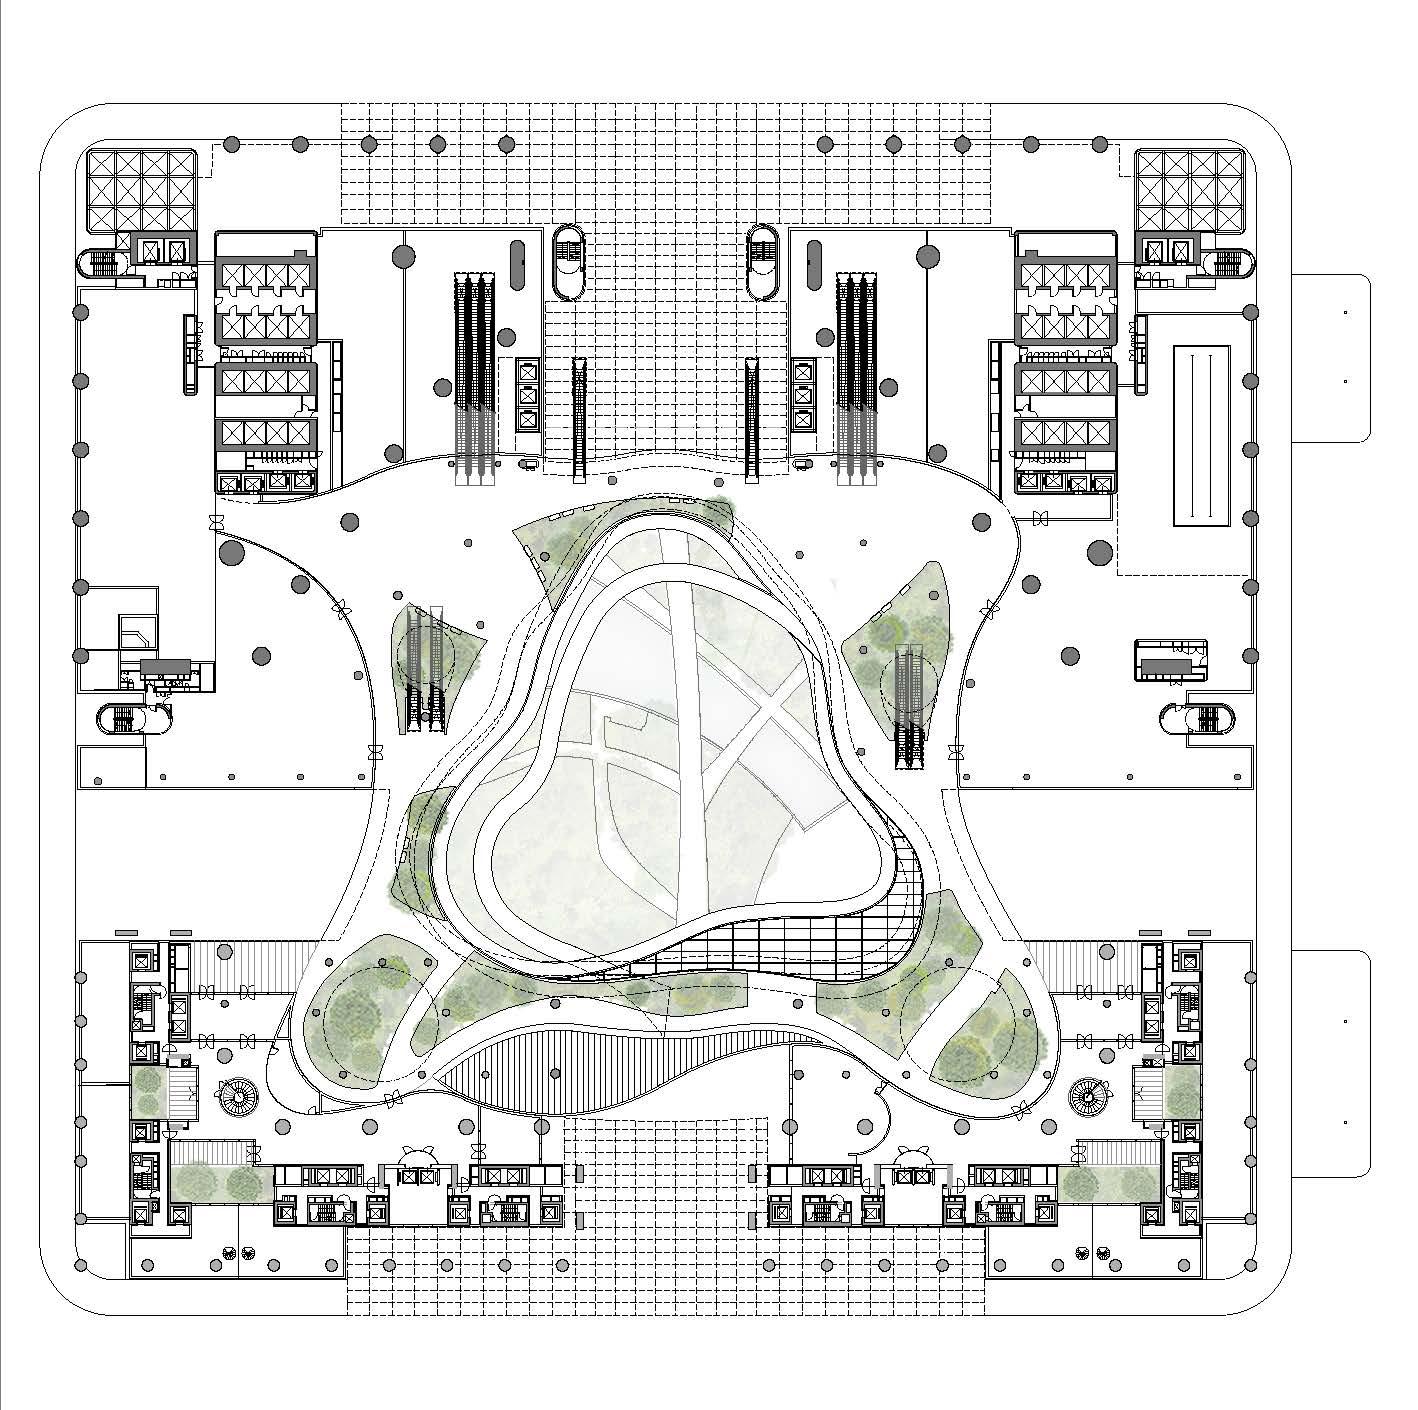 <p>Eerste verdieping met voortzetting park en publieke functies zoals horeca en winkels</p>